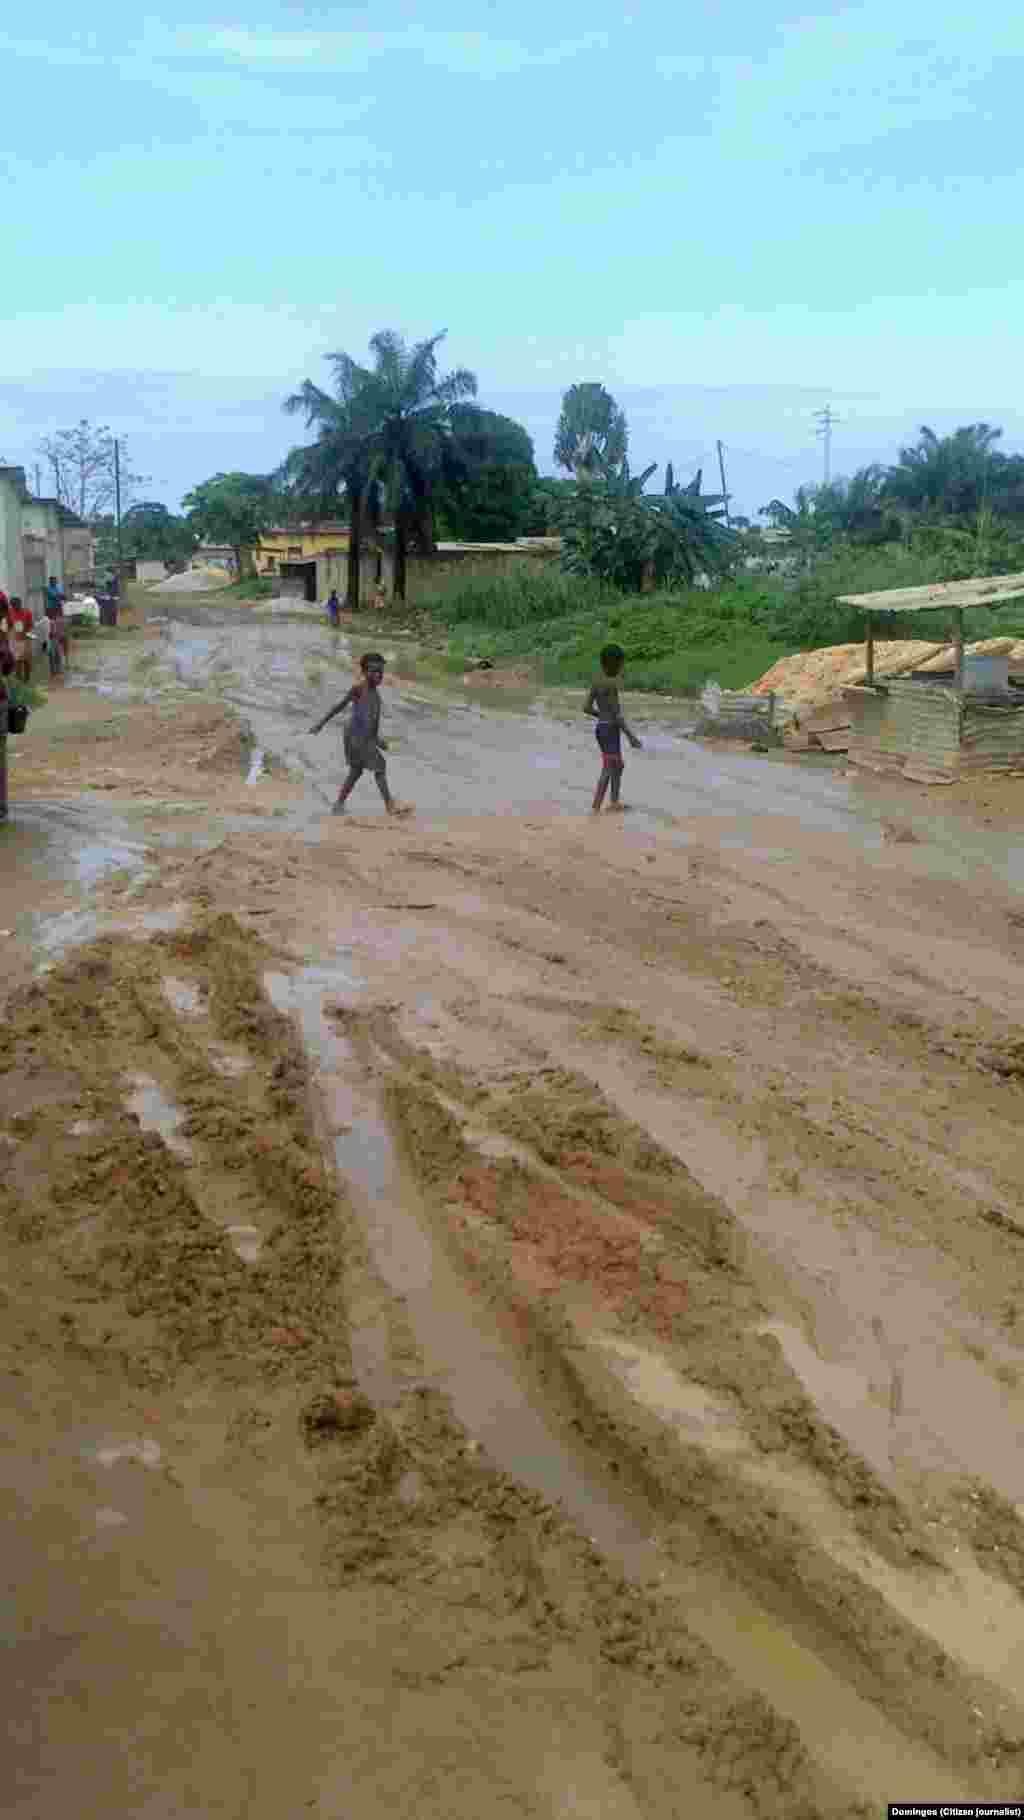 Ruas de Cabinda alagadas depois da chuva. Foto enviada pelo ouvinte Domingos, residente em Cabinda. Novembro 2014